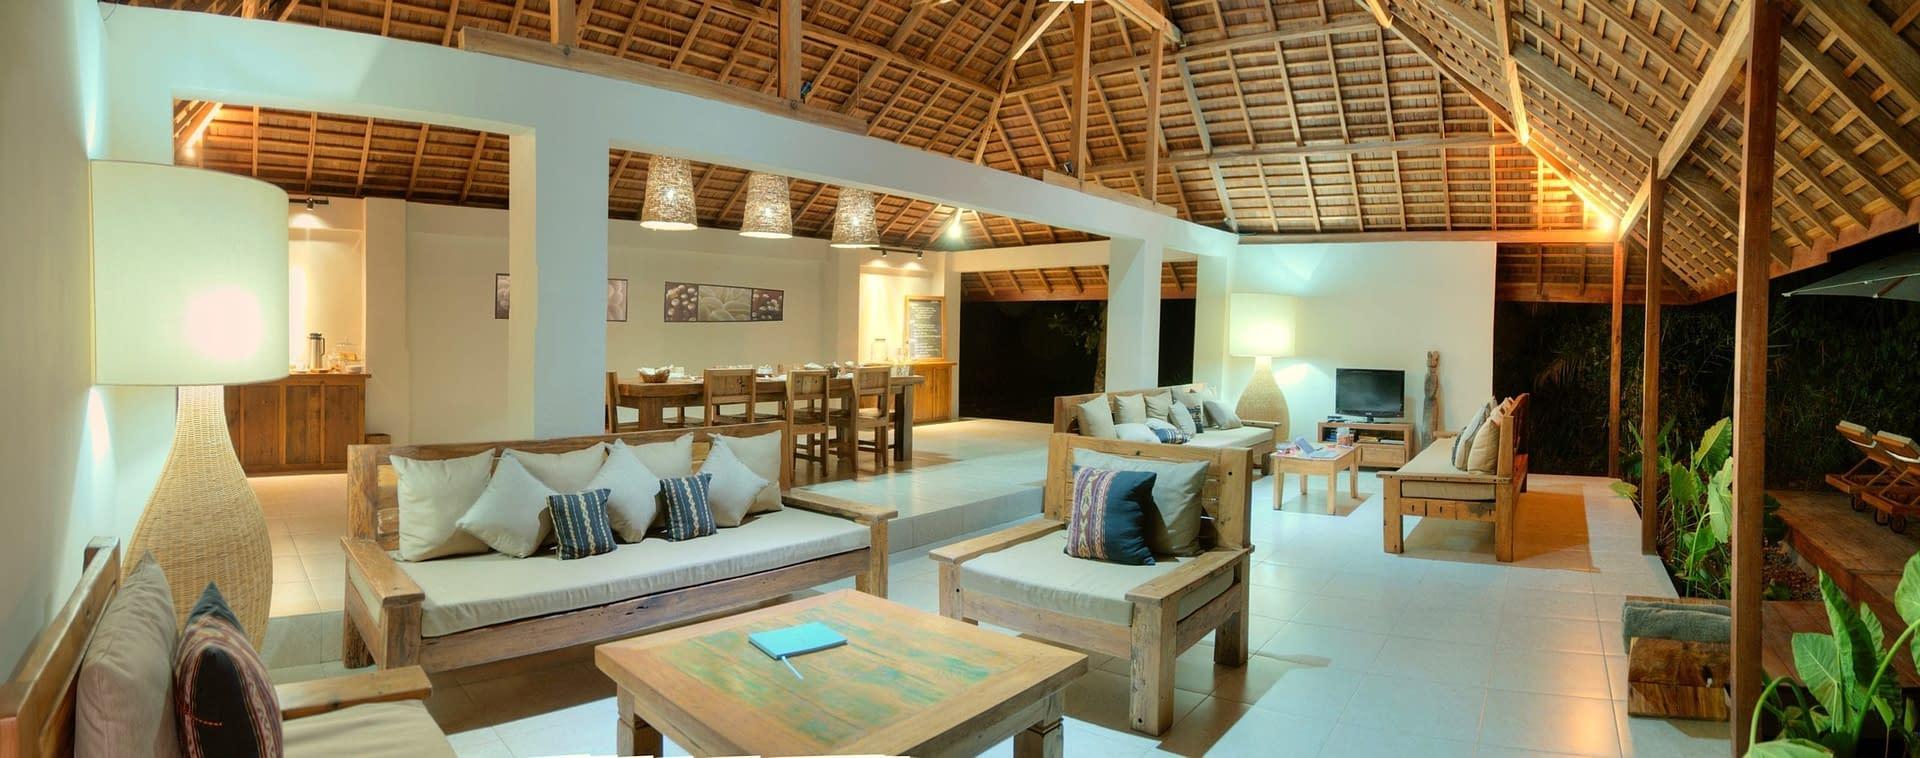 Restaurant & Lounge at Alami Alor Dive Resort